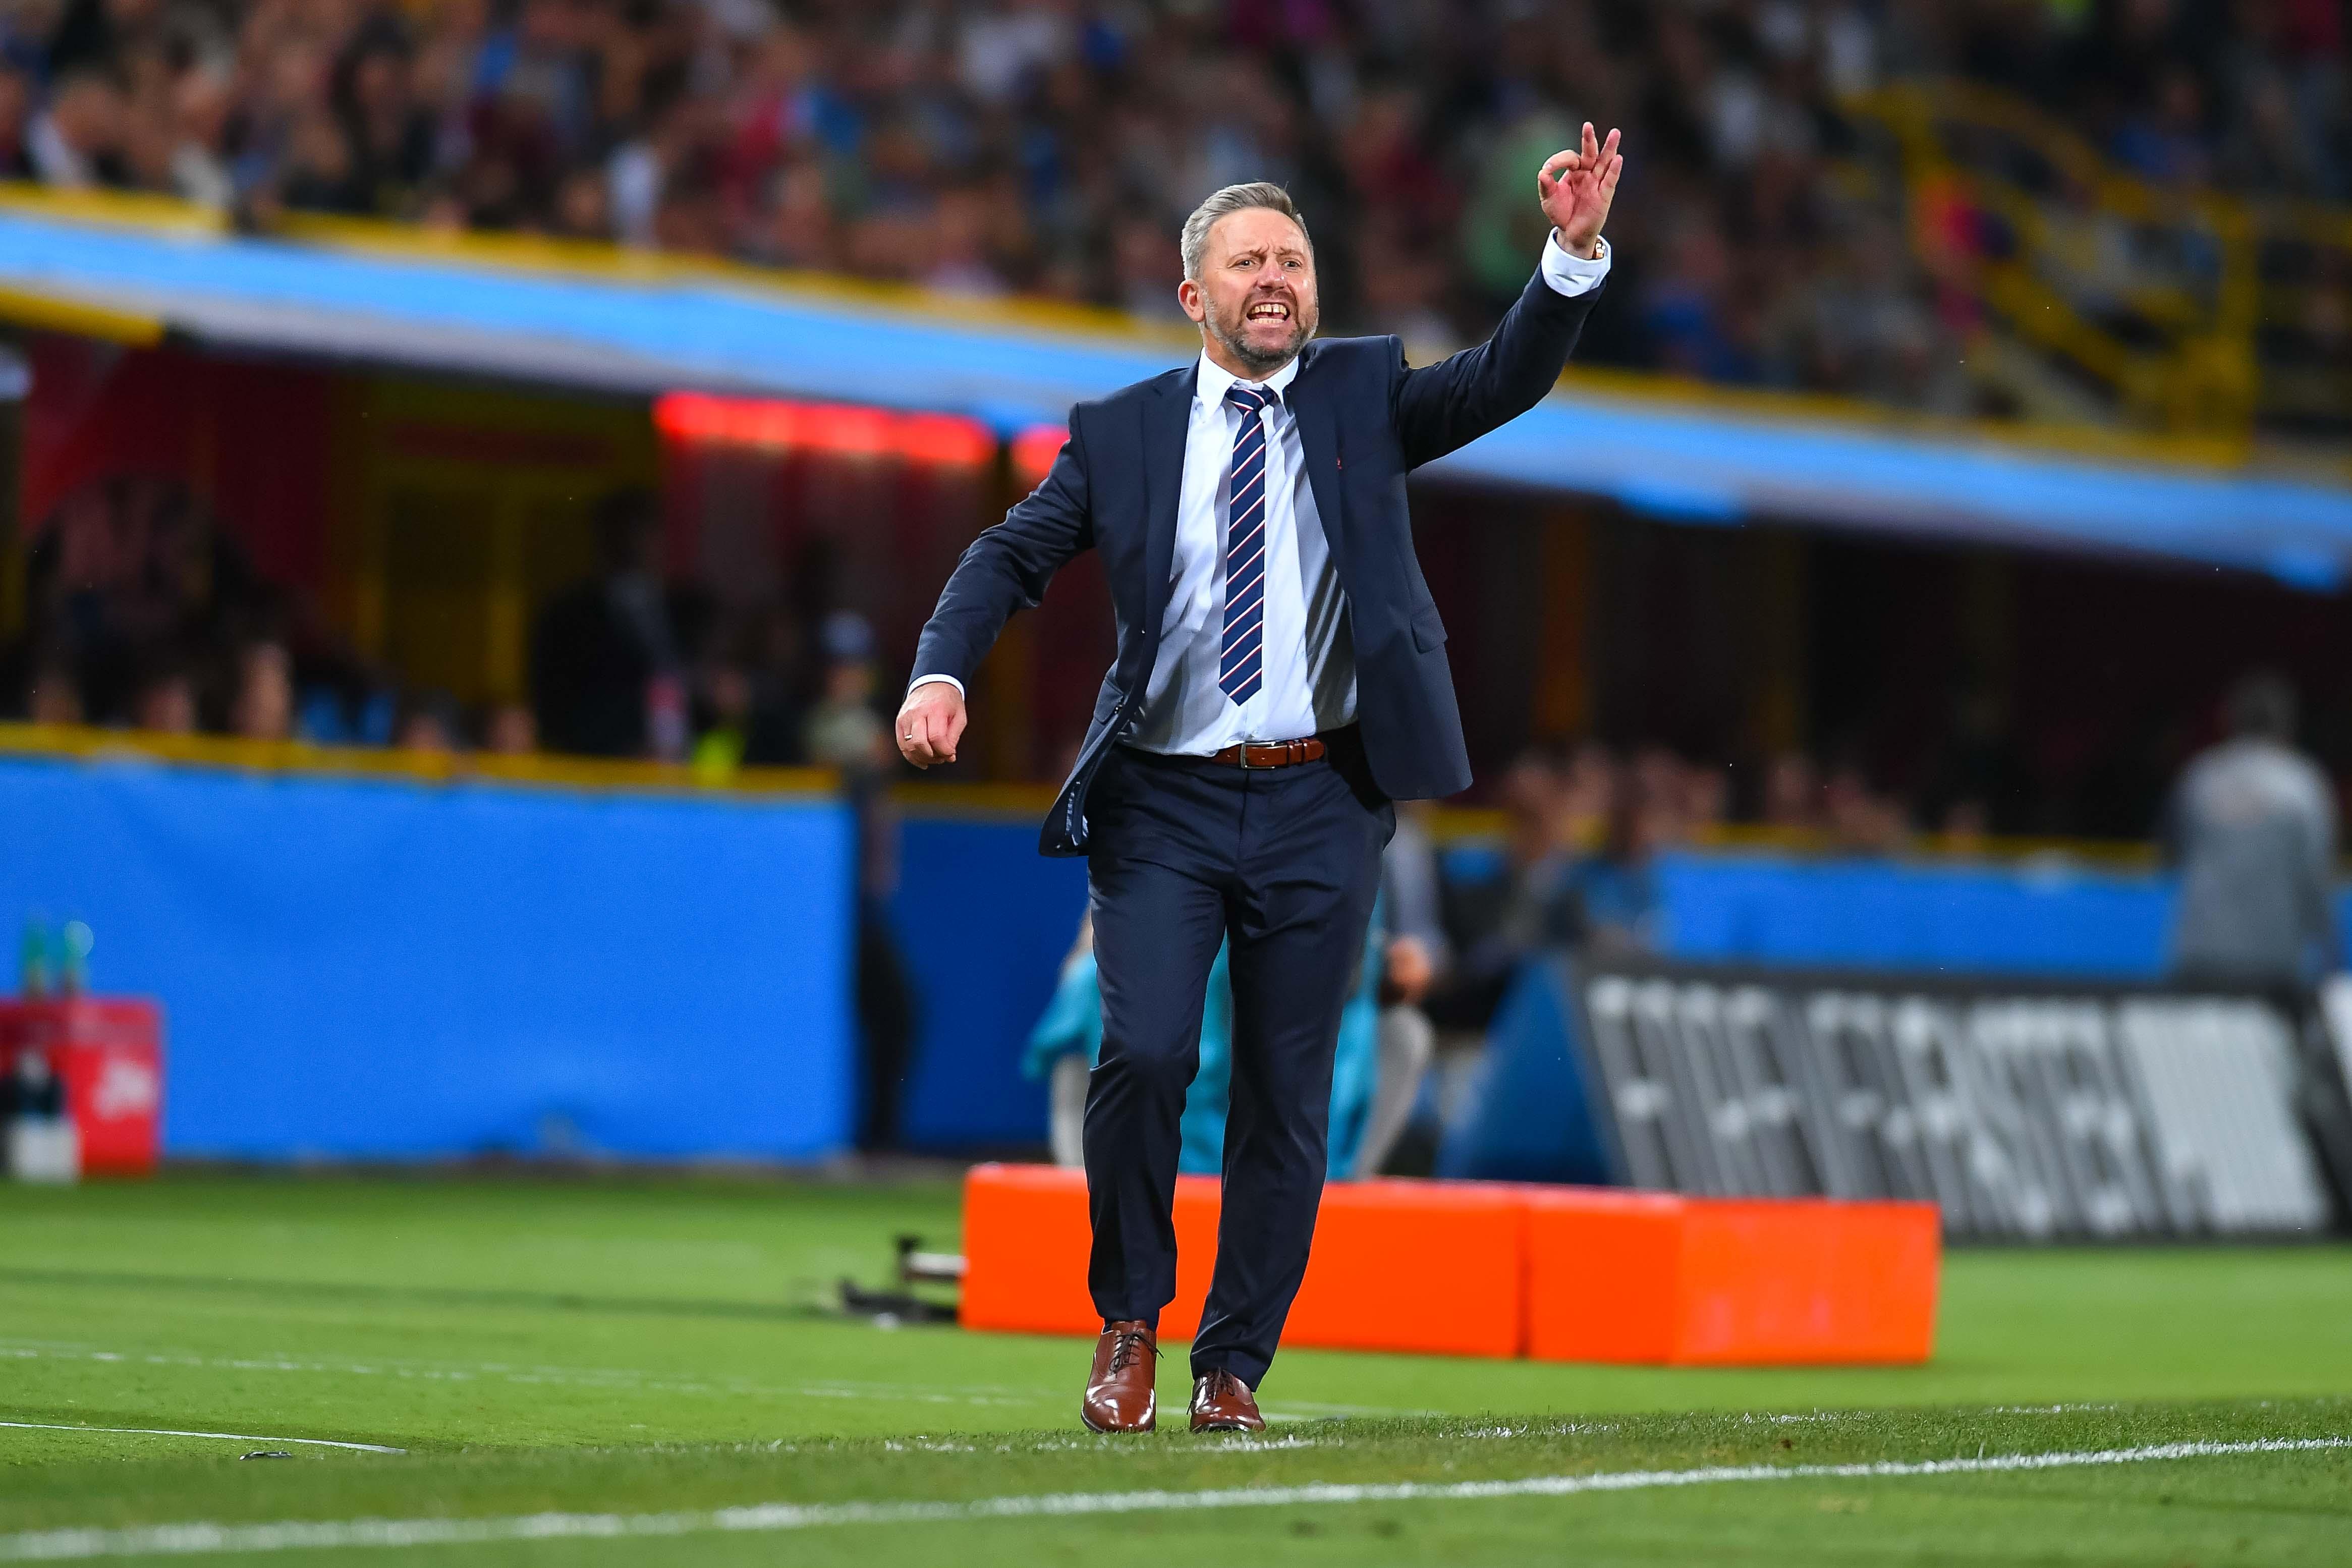 2018.09.07, Bolonia, Pilka nozna , UEFA Liga Narodow, Wlochy - Polska N/z: Jerzy Brzeczek, Foto Pawel Andrachiewicz / PressFocus